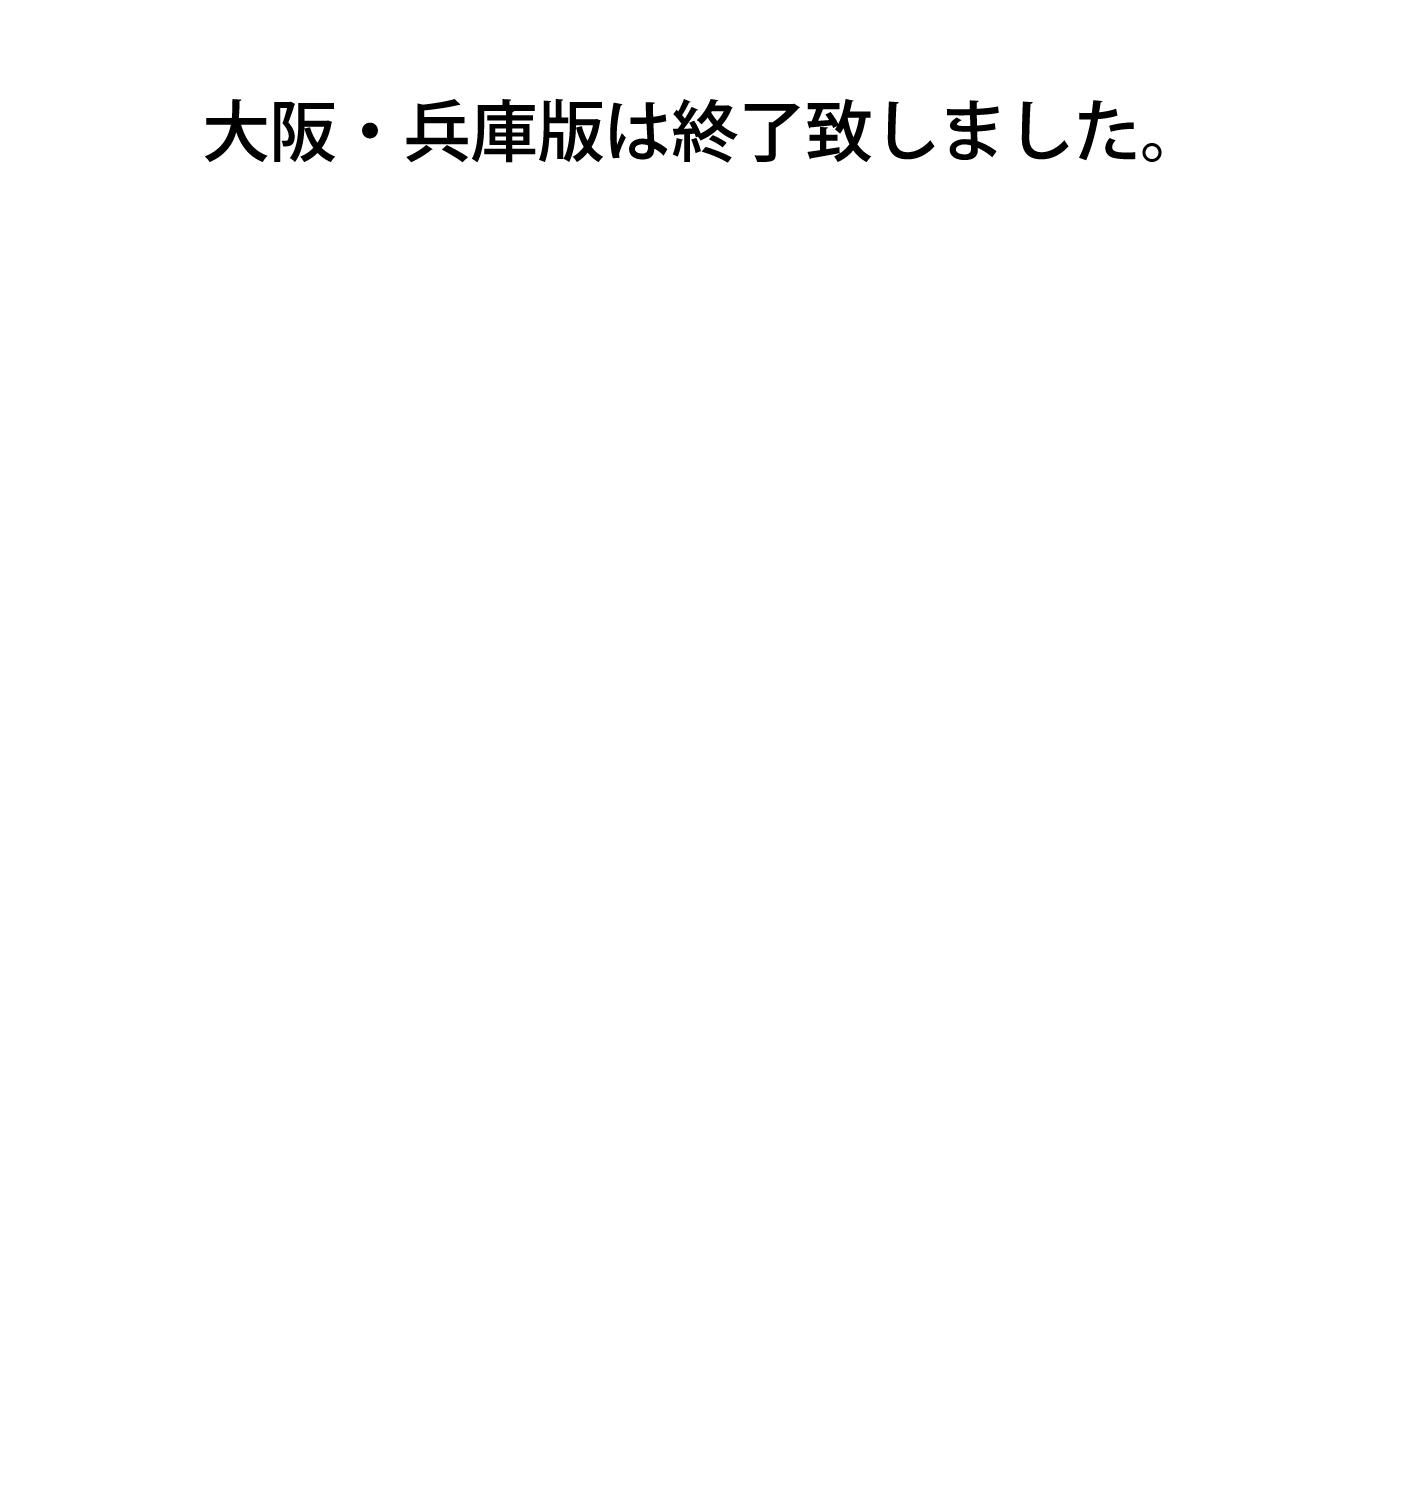 大阪・兵庫版配送エリア